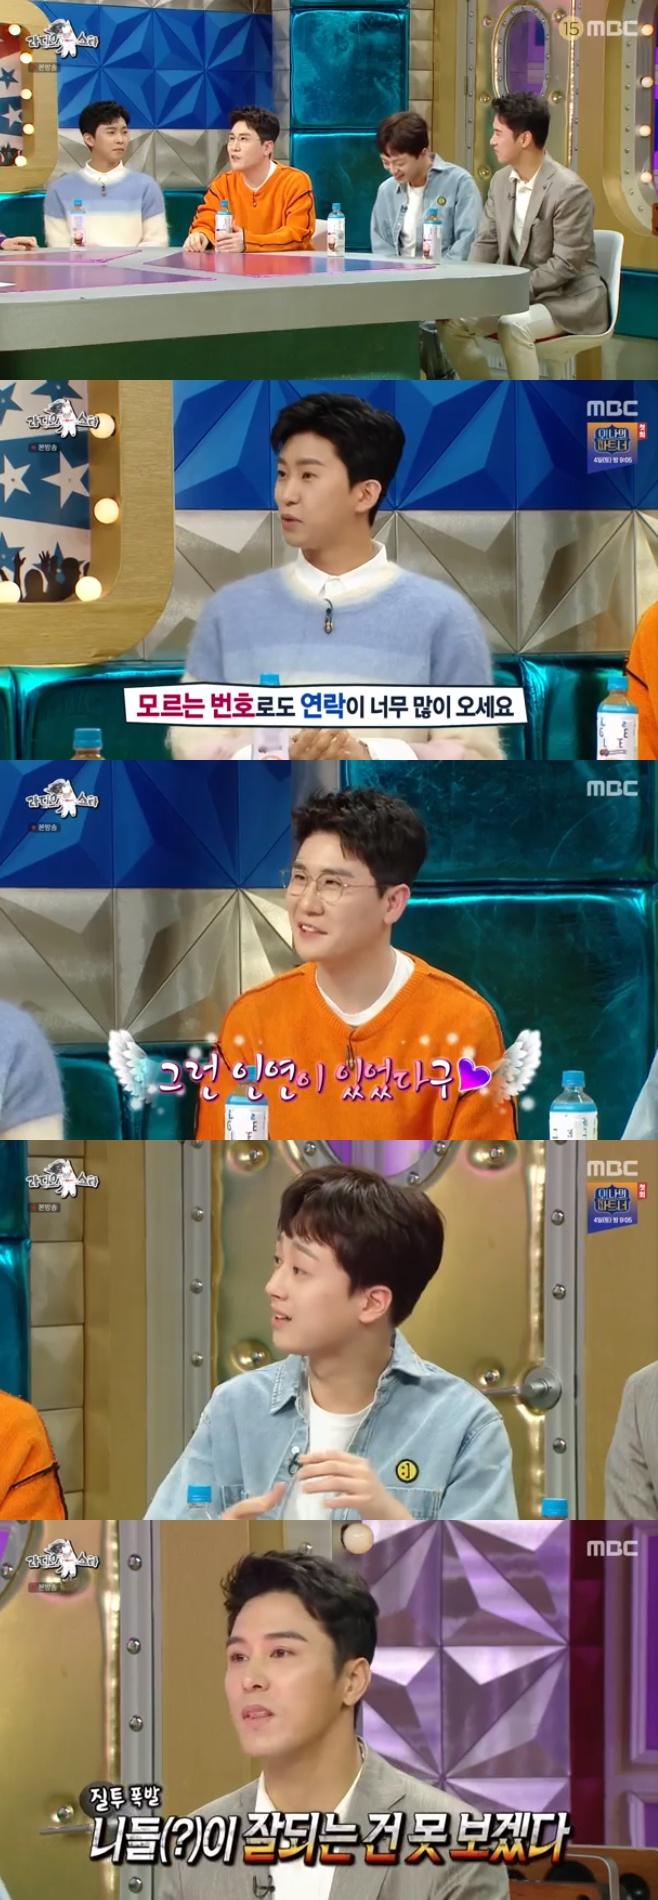 라디오스타, 미스터트롯 임영웅 영탁 이찬원 장민호